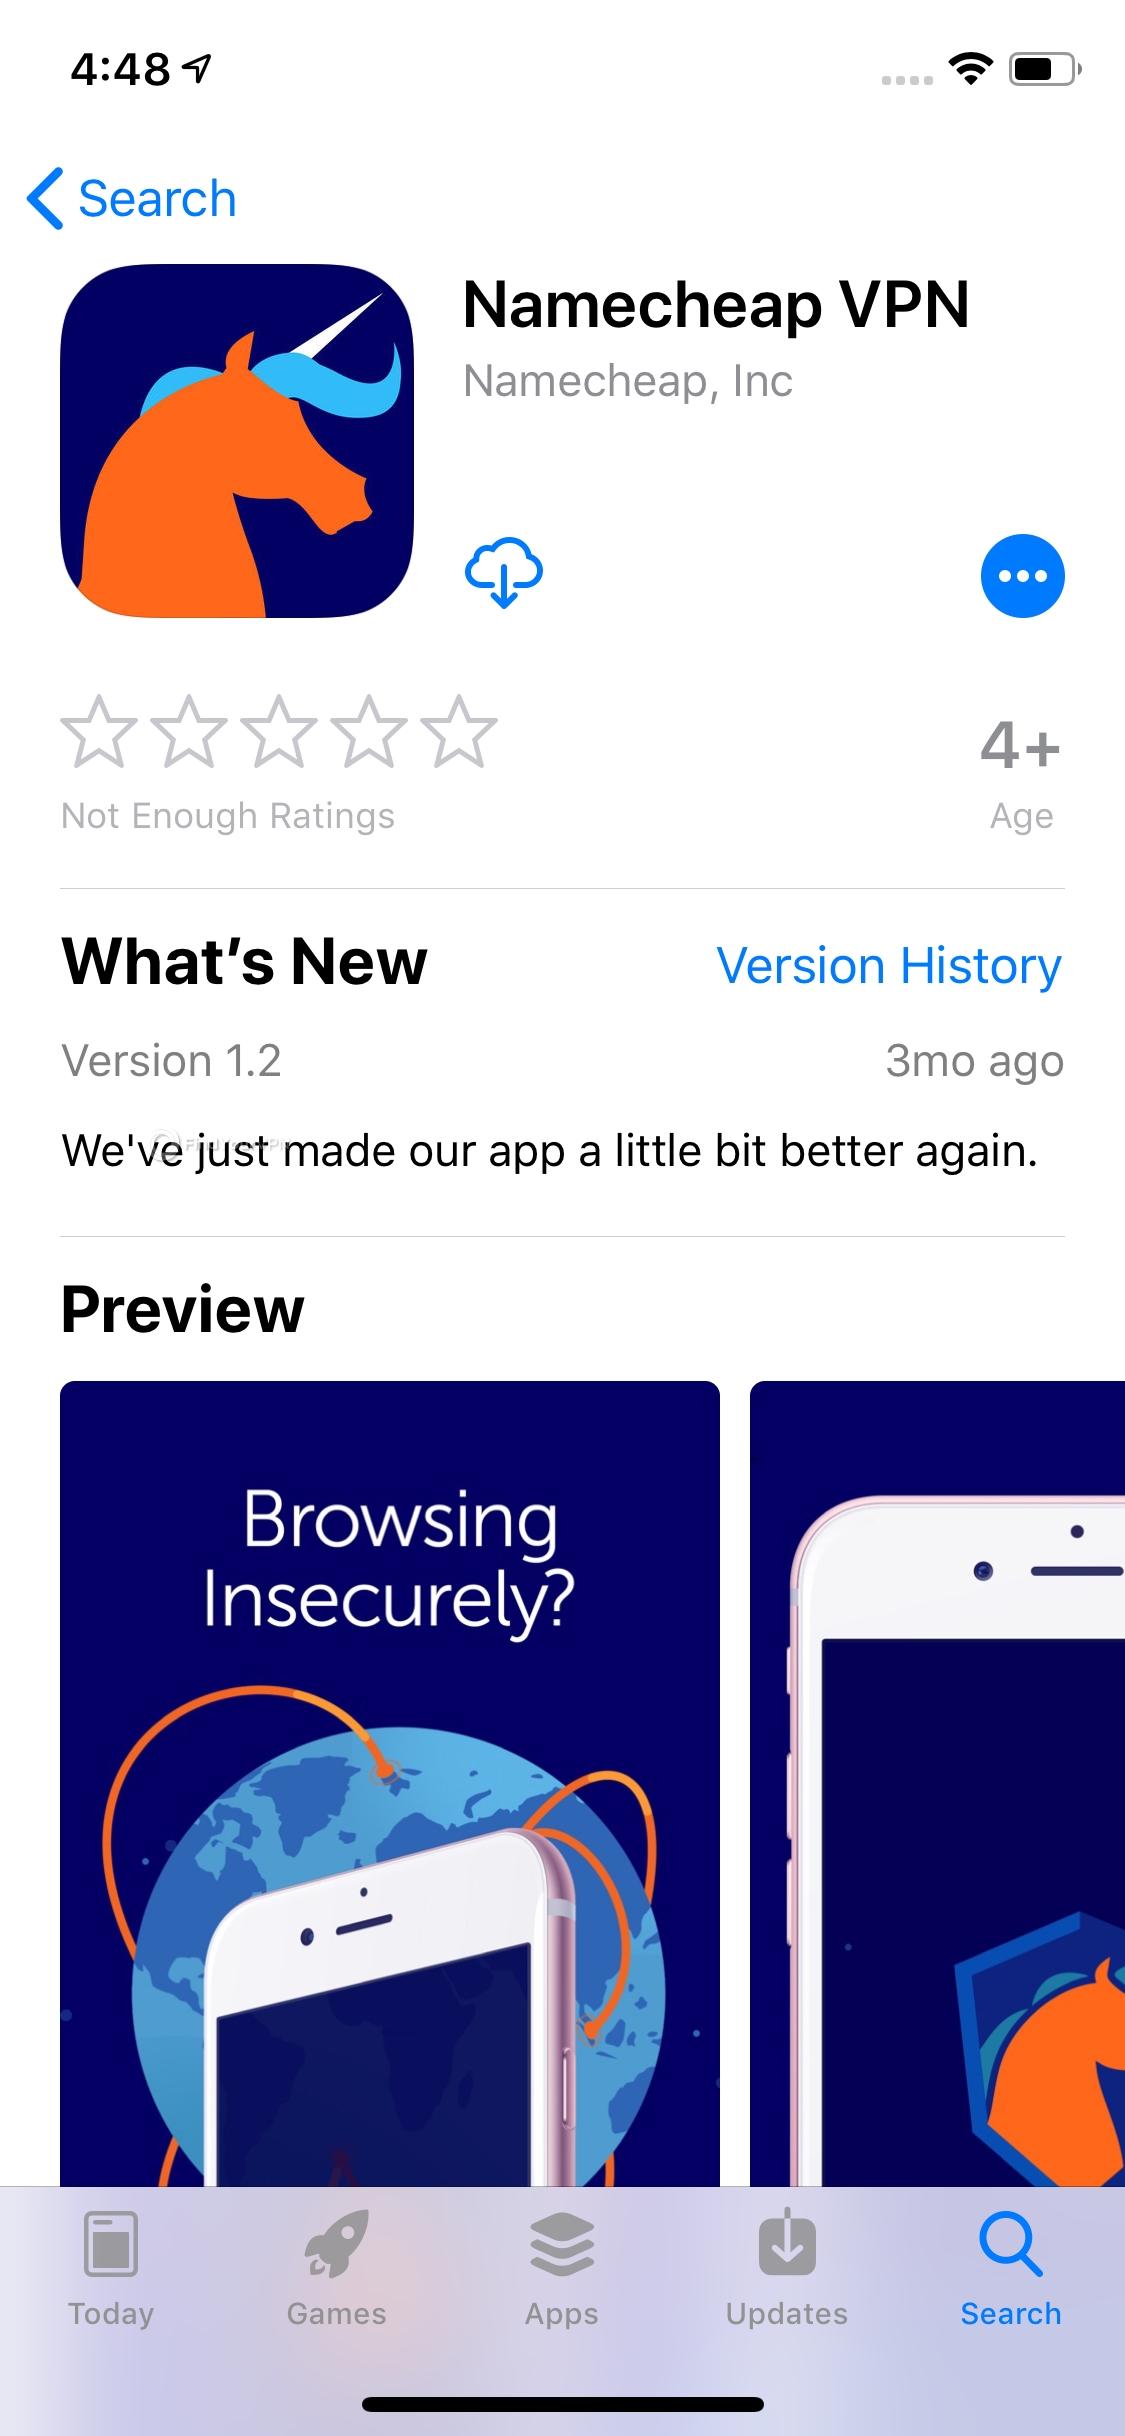 Namecheap iOS app after installation